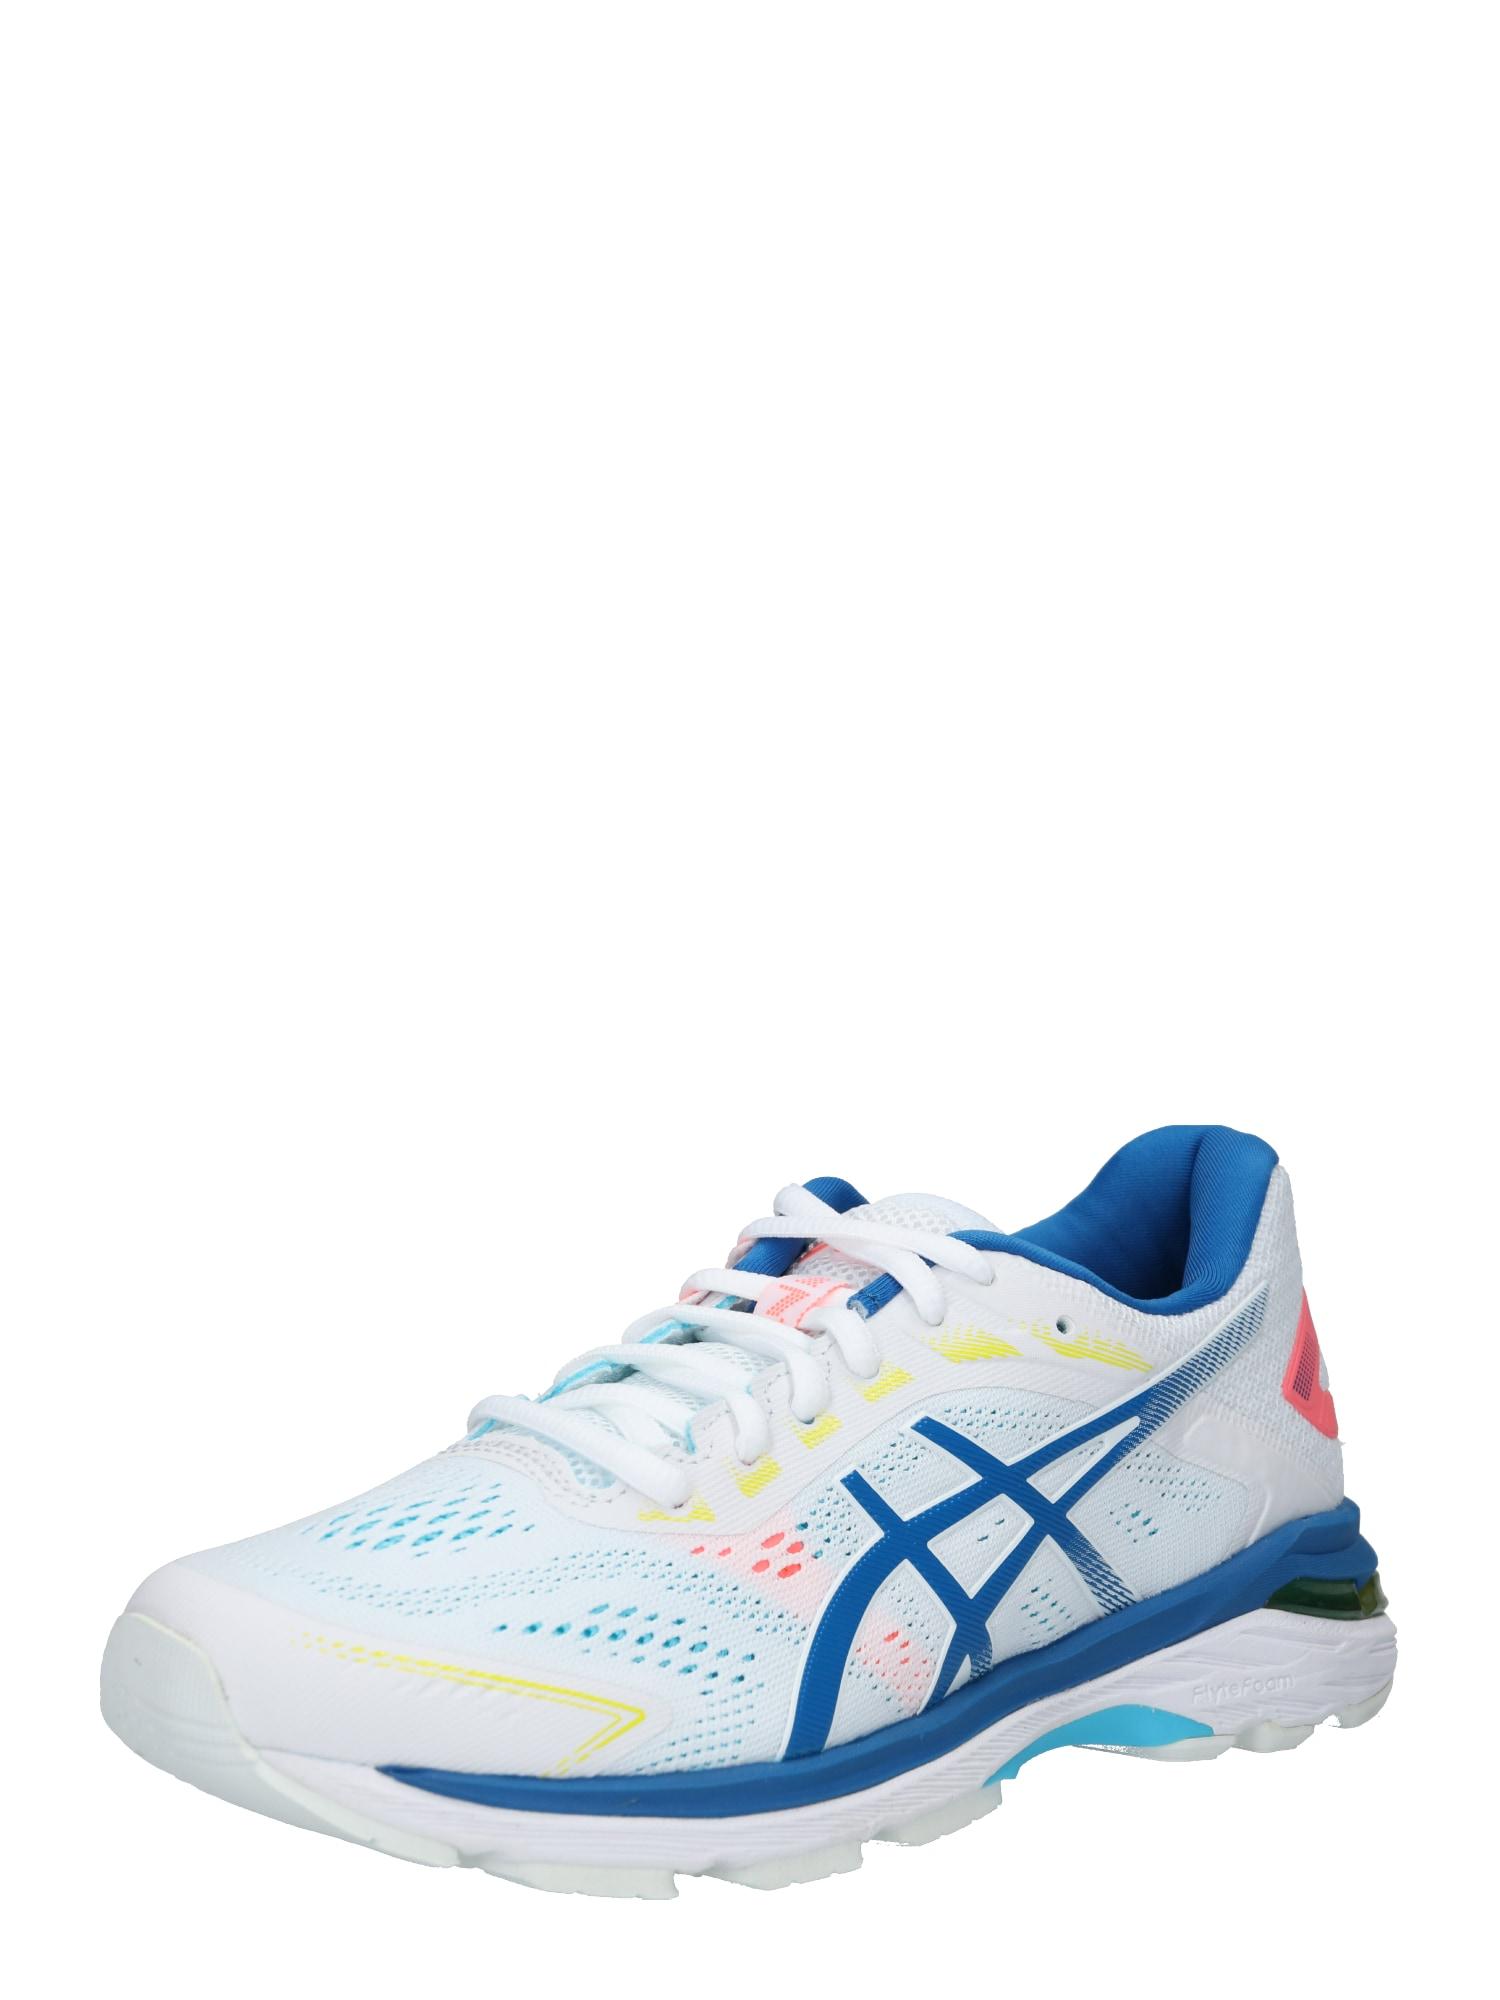 Běžecká obuv GT-2000 7 modrá mix barev bílá ASICS